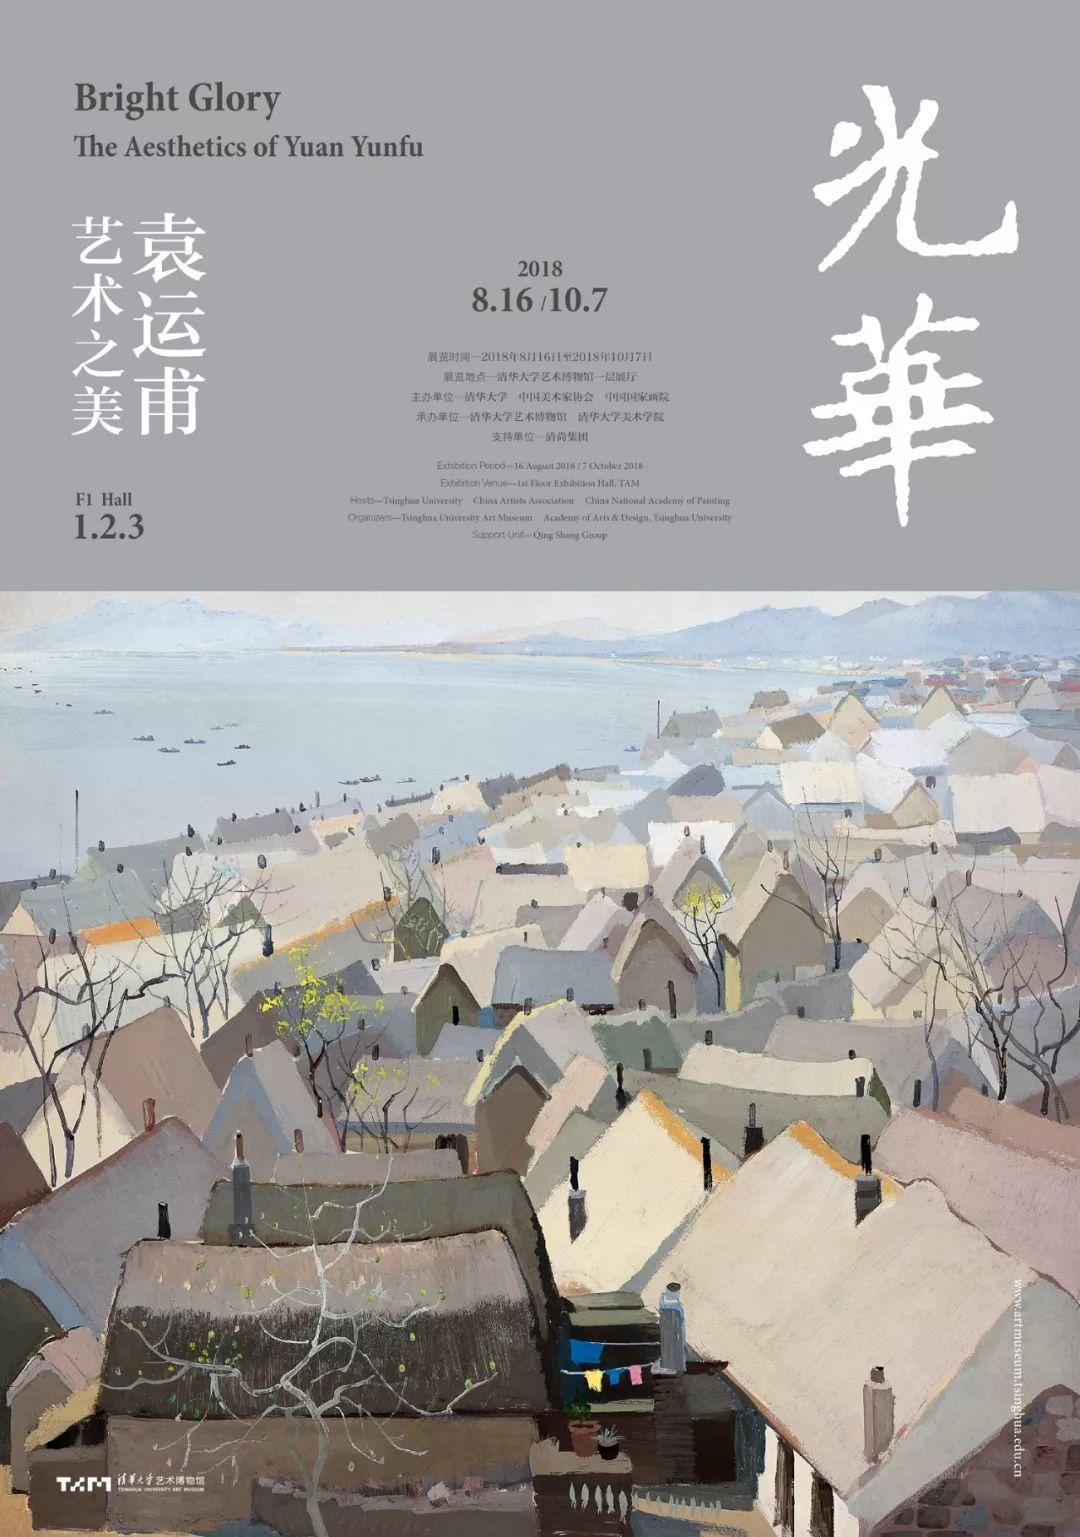 【展讯】刘巨德:大美术之梦——壁画艺术与袁运甫